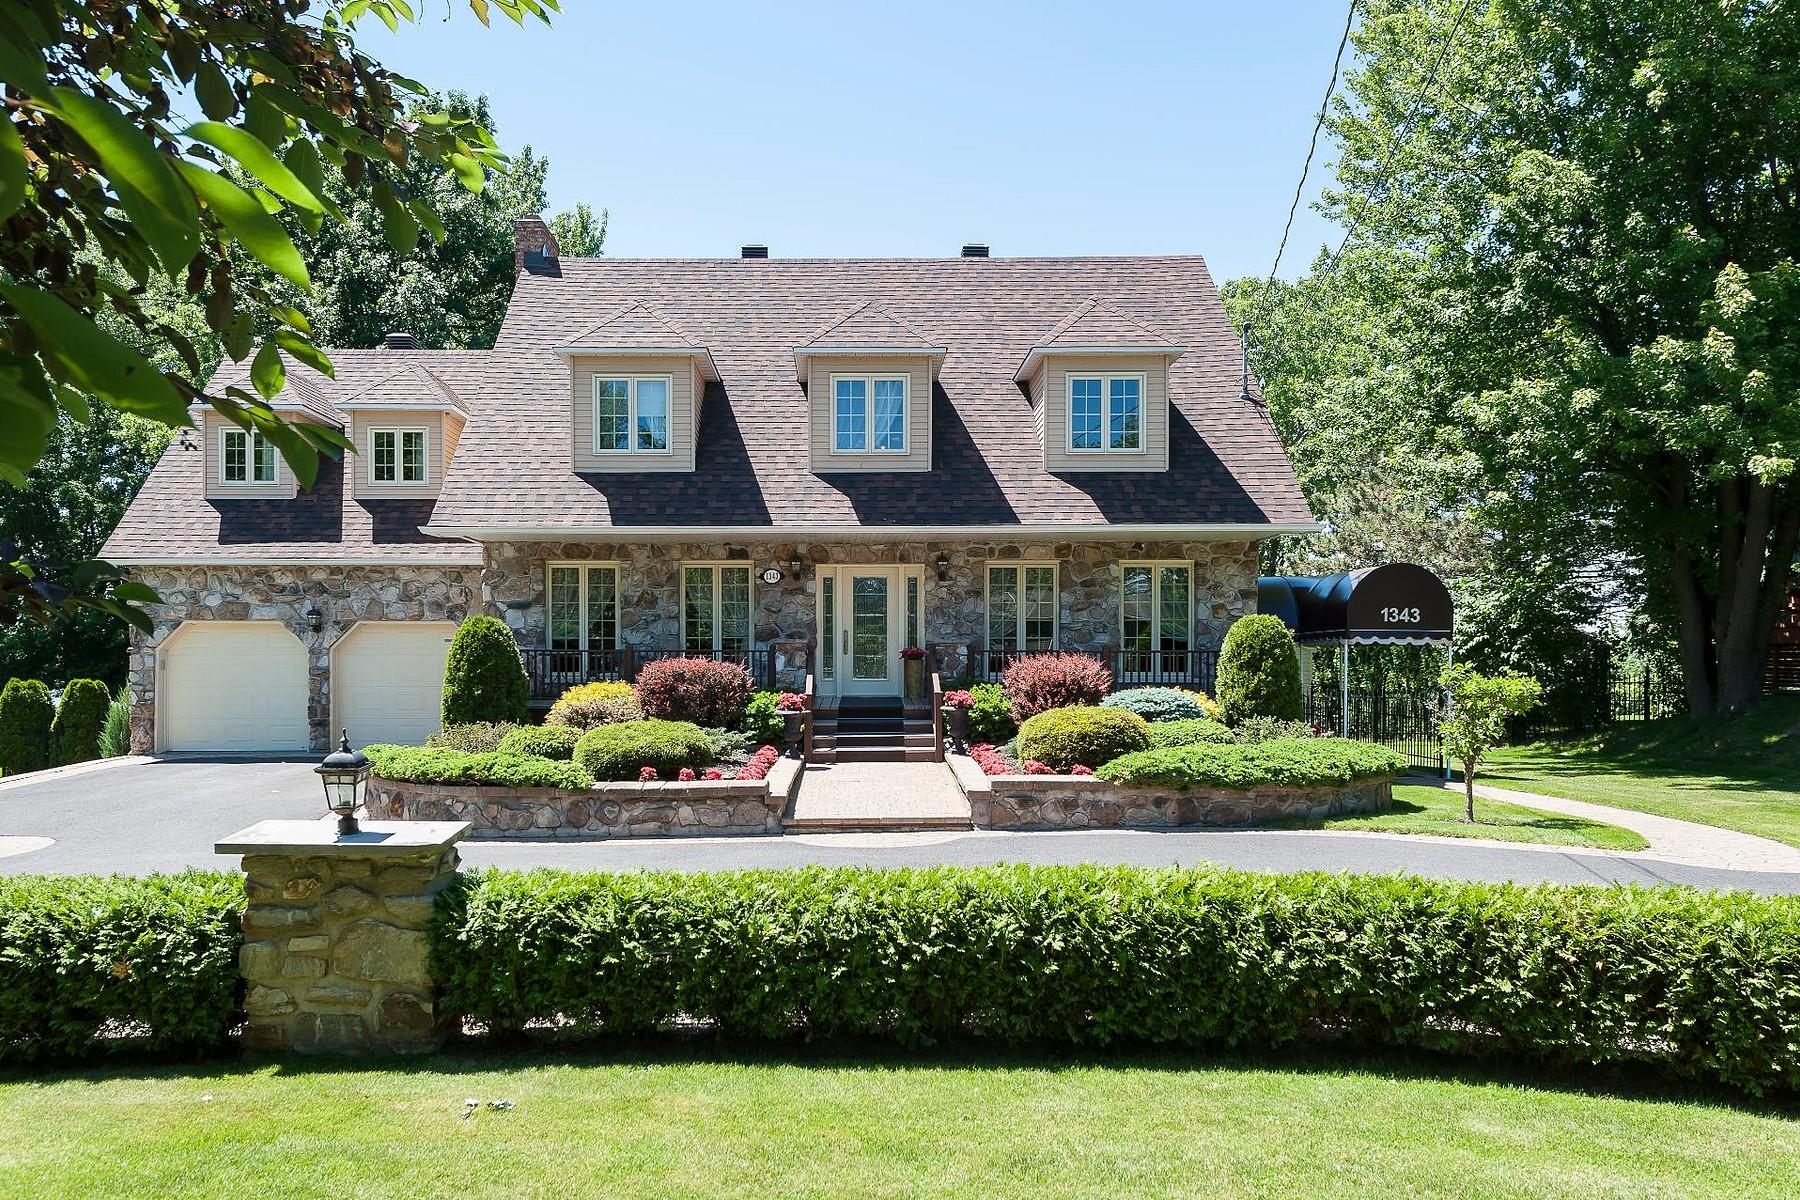 Single Family Home for Sale at Mont-Saint-Hilaire, Montérégie 1343 Ch. des Patriotes N. Mont-Saint-Hilaire, Quebec J3G4S6 Canada